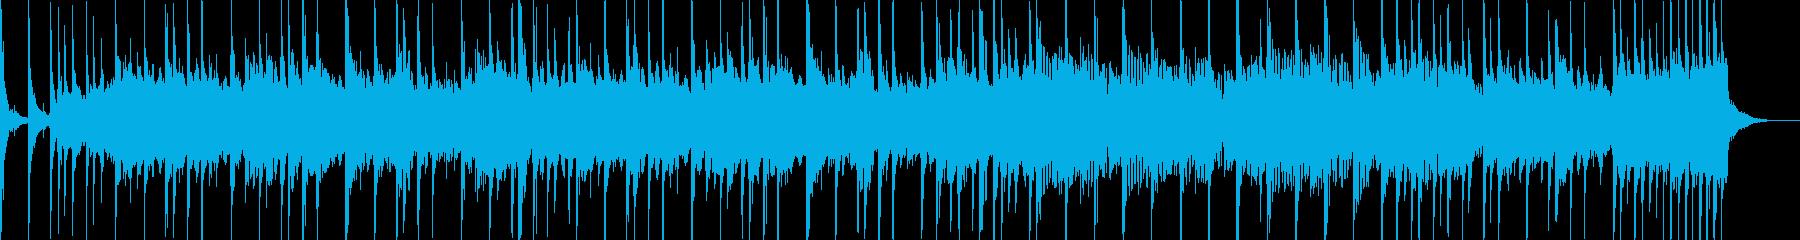 夏・スタイリッシュ・SNS広告・30秒の再生済みの波形